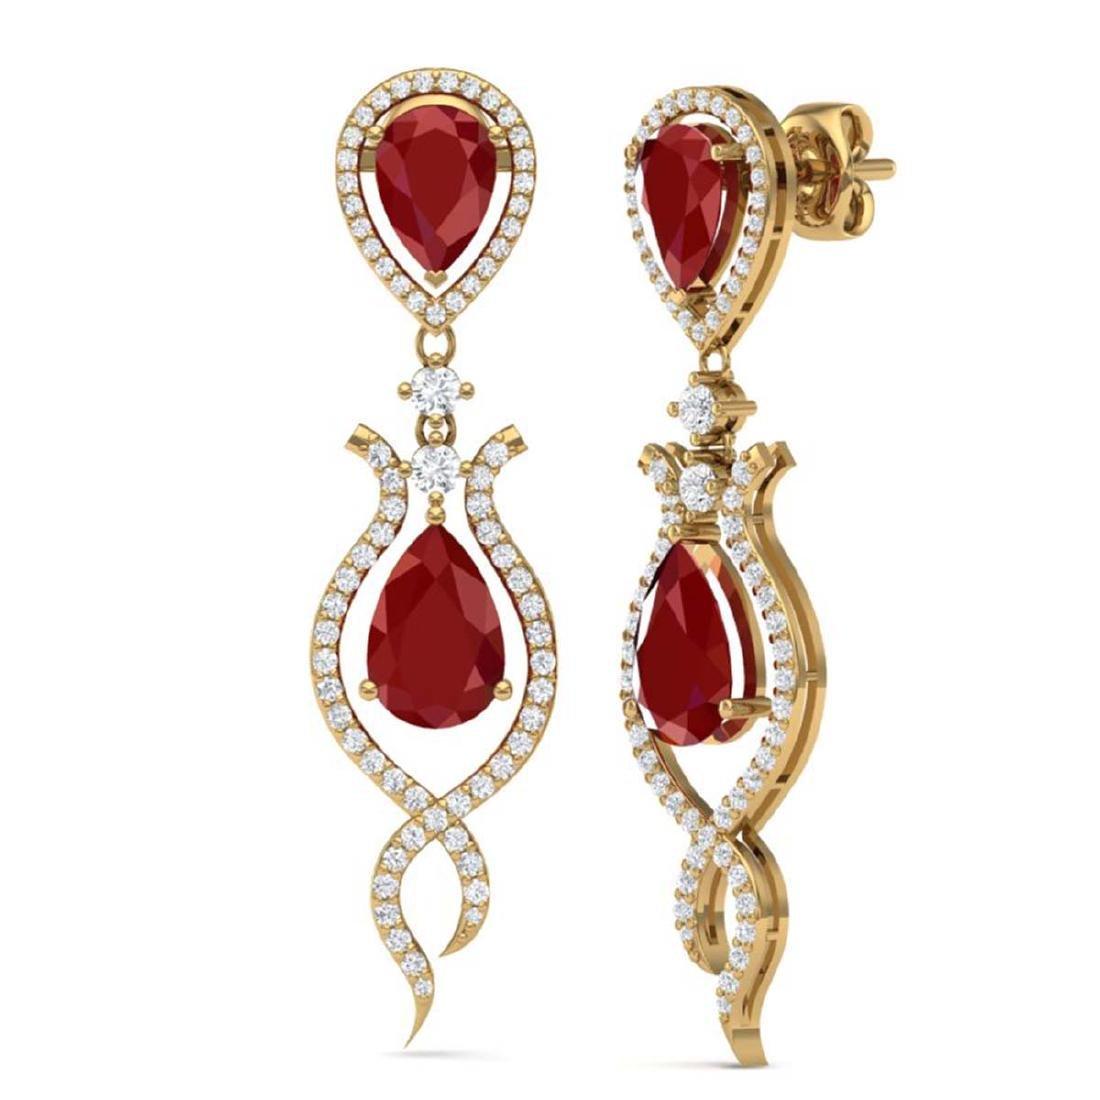 16.57 CTW Royalty Designer Ruby & VS Diamond Earrings - 3